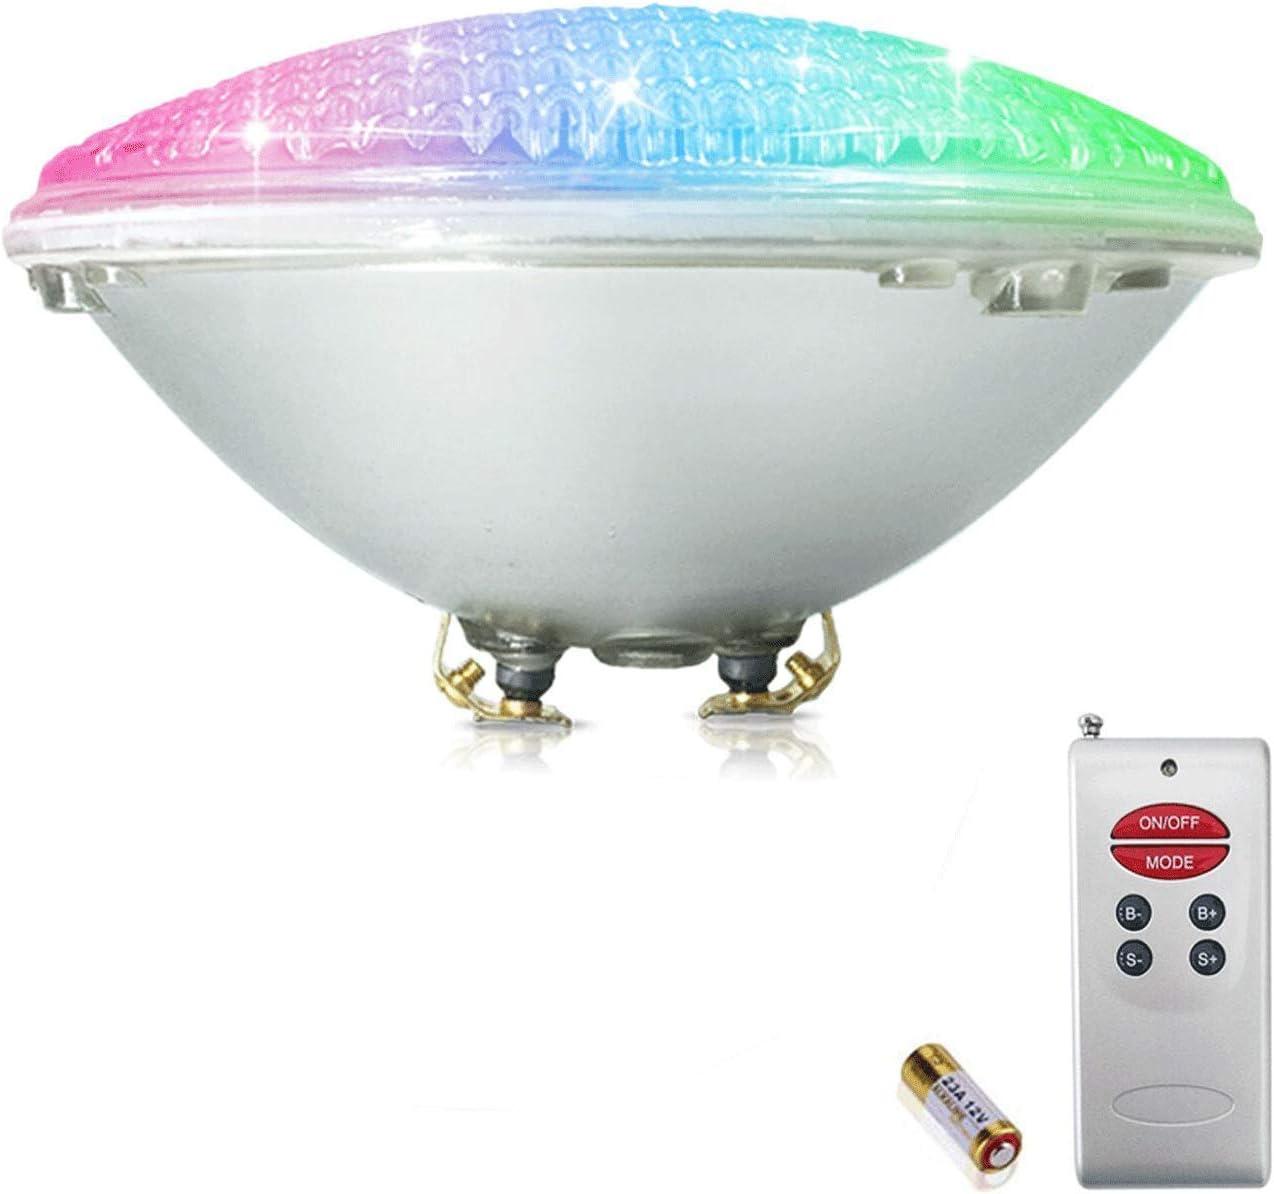 COOLWEST RGB Luces de la piscina LED PAR56 18W Iluminación de piscinas con Control Remoto 12V AC/DC, Luminarias subacuáticas IP68 impermeables Reemplazar bombillas halógenas de 150W